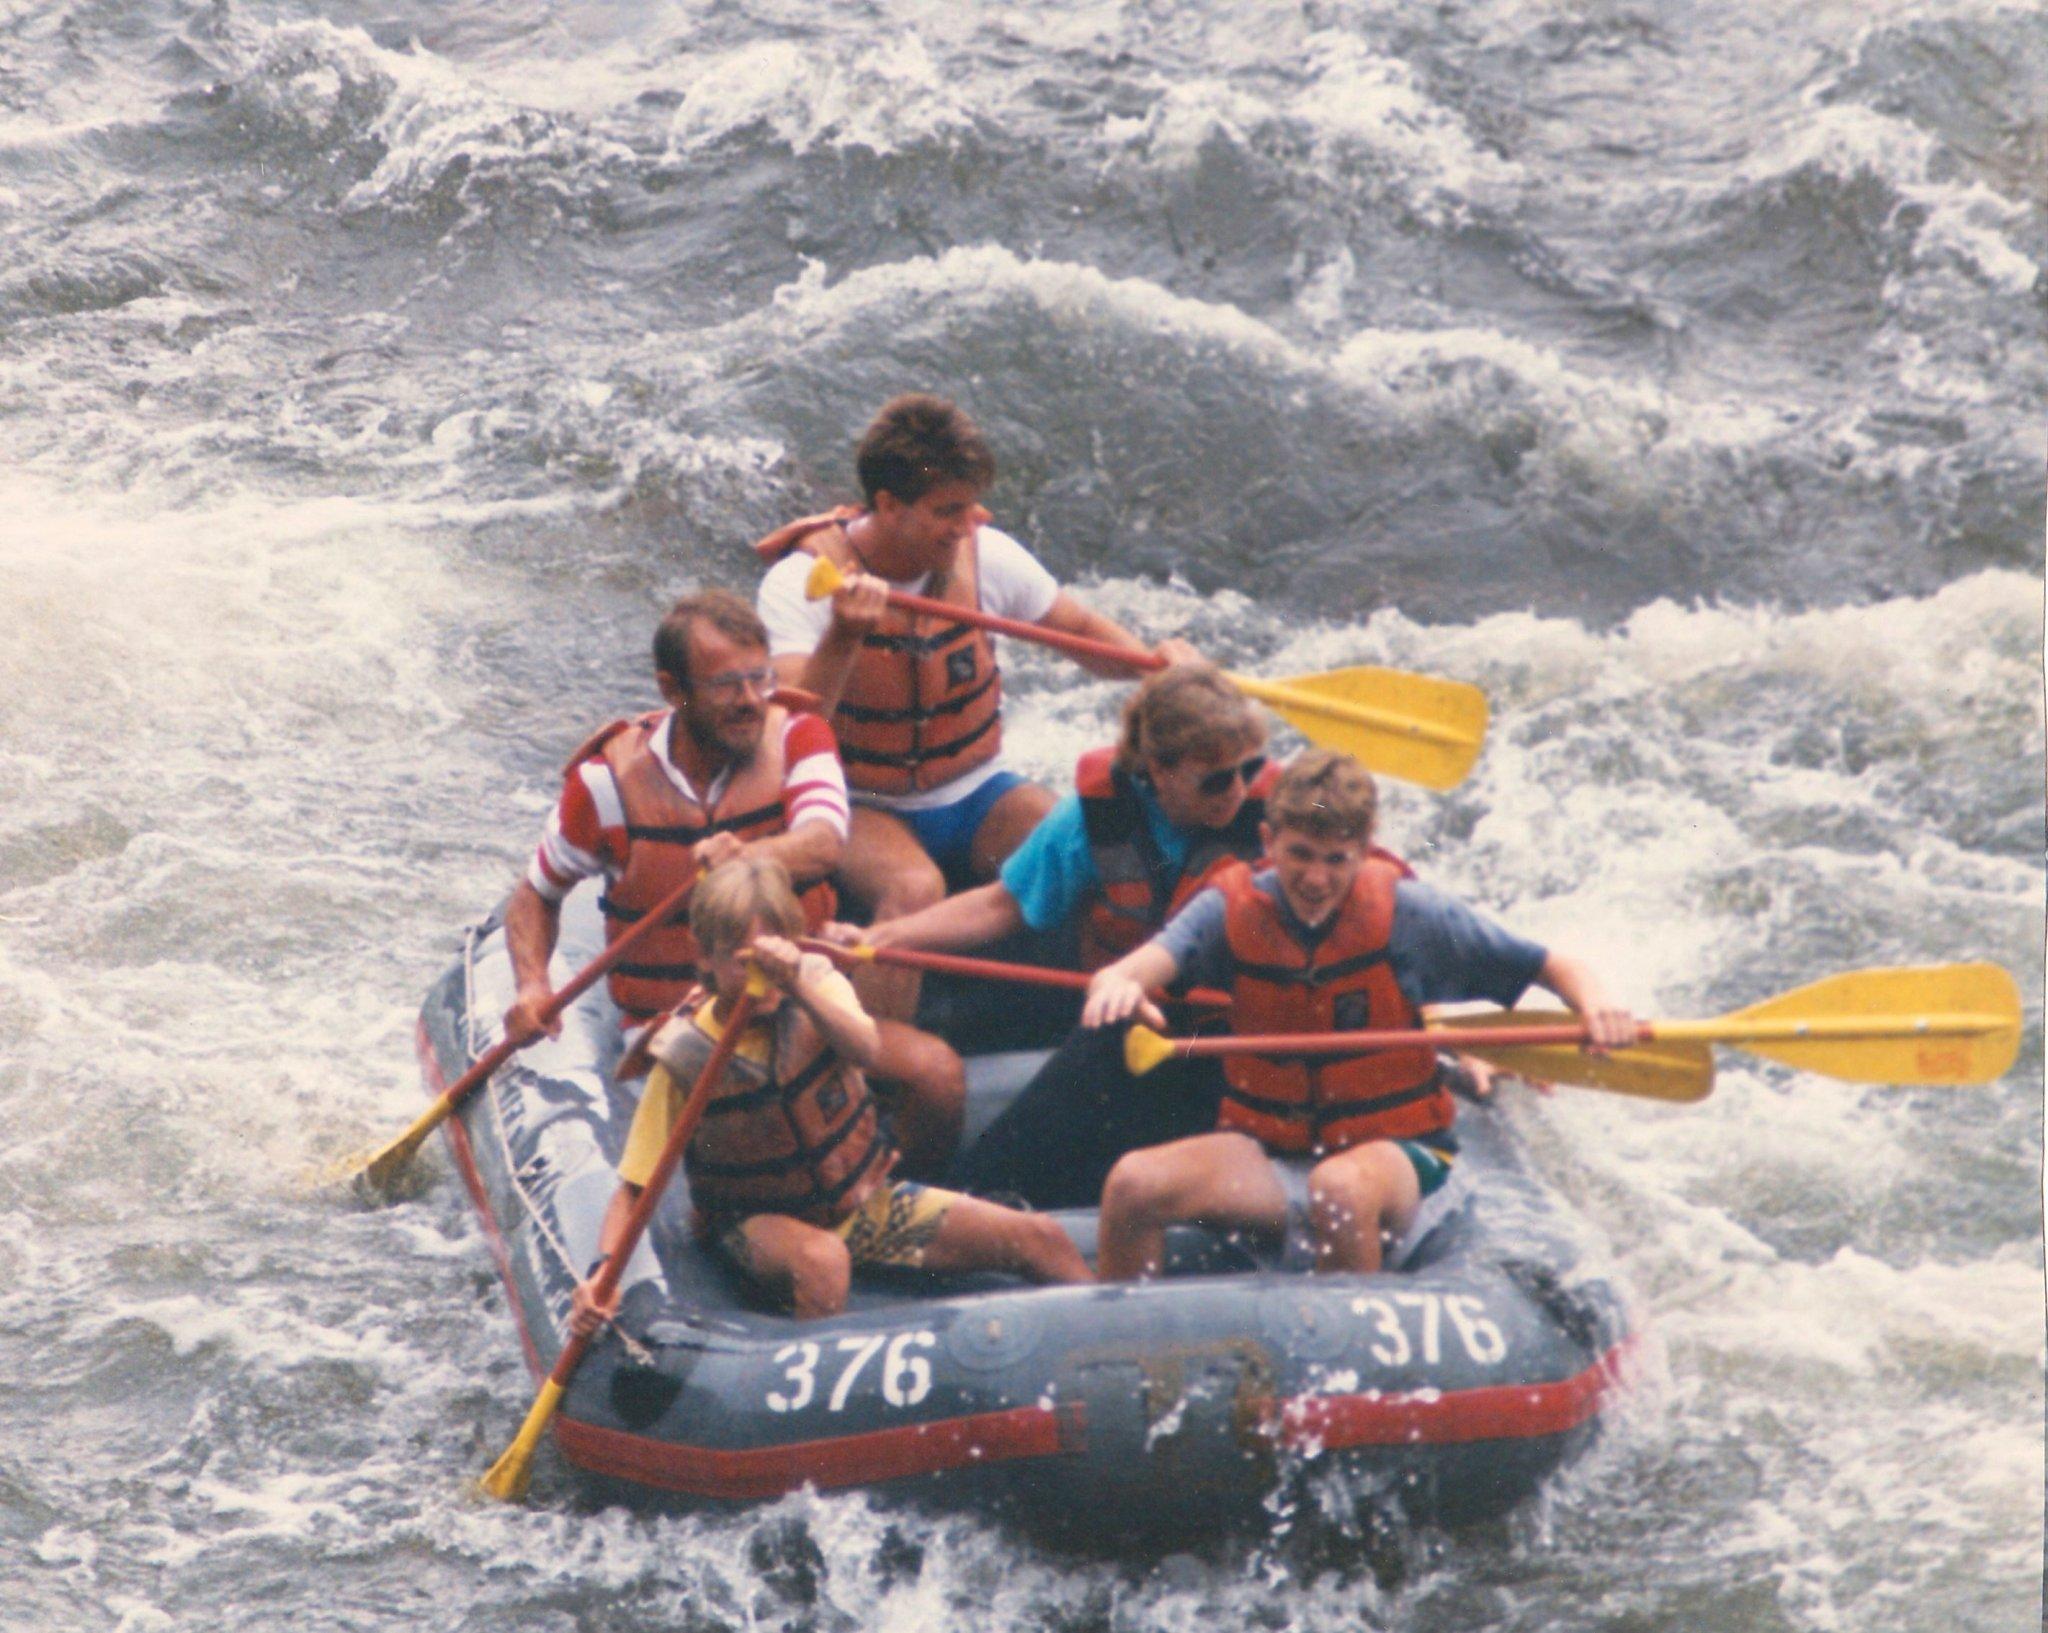 114 - White Water Rafting